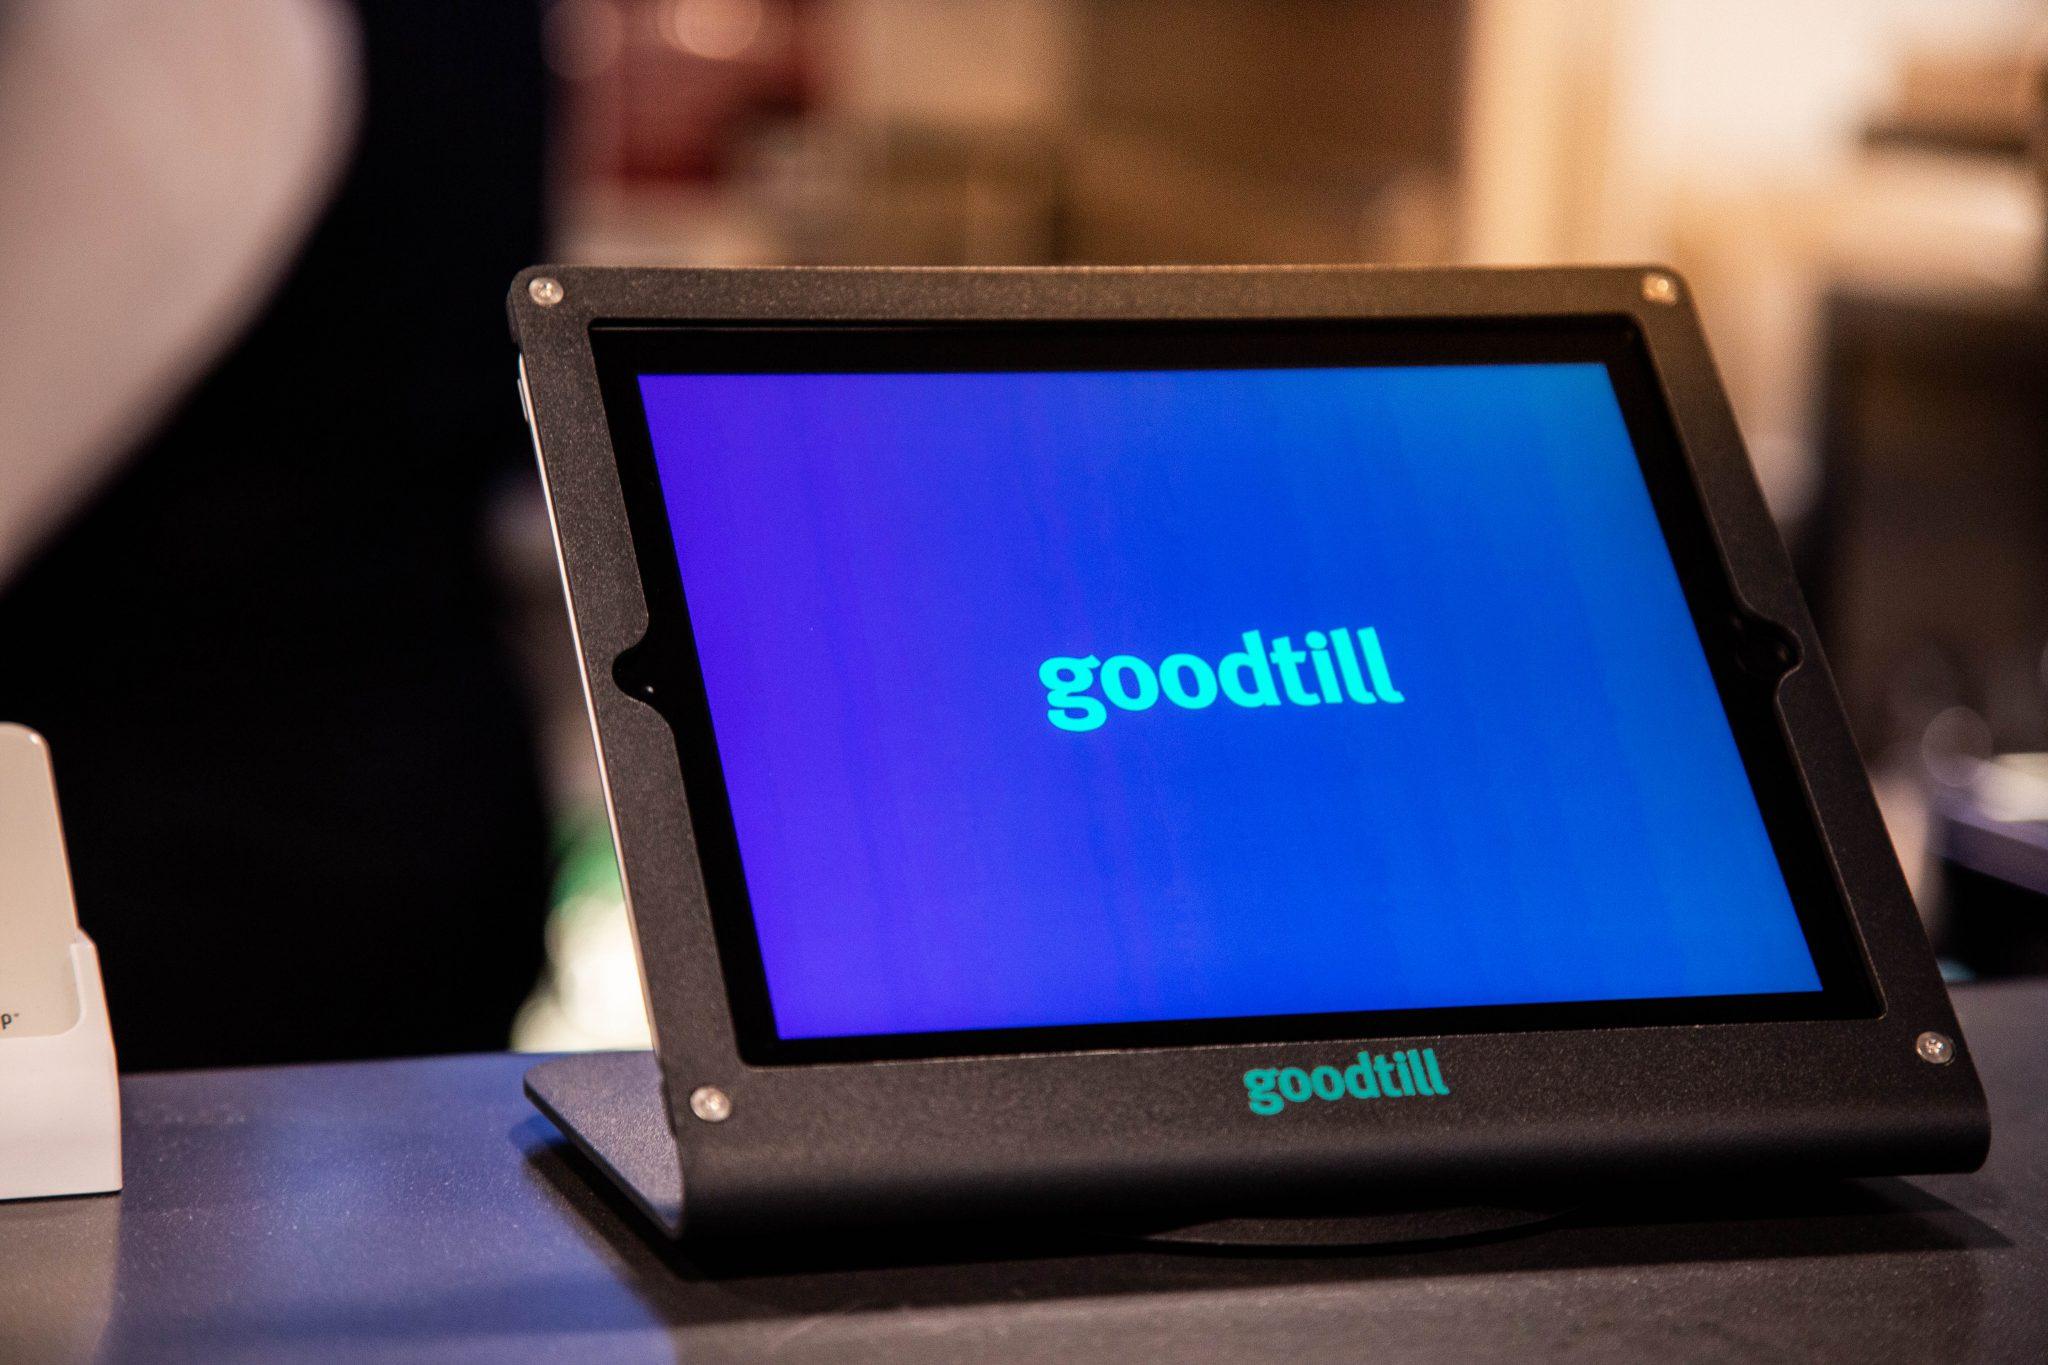 Goodtill icon